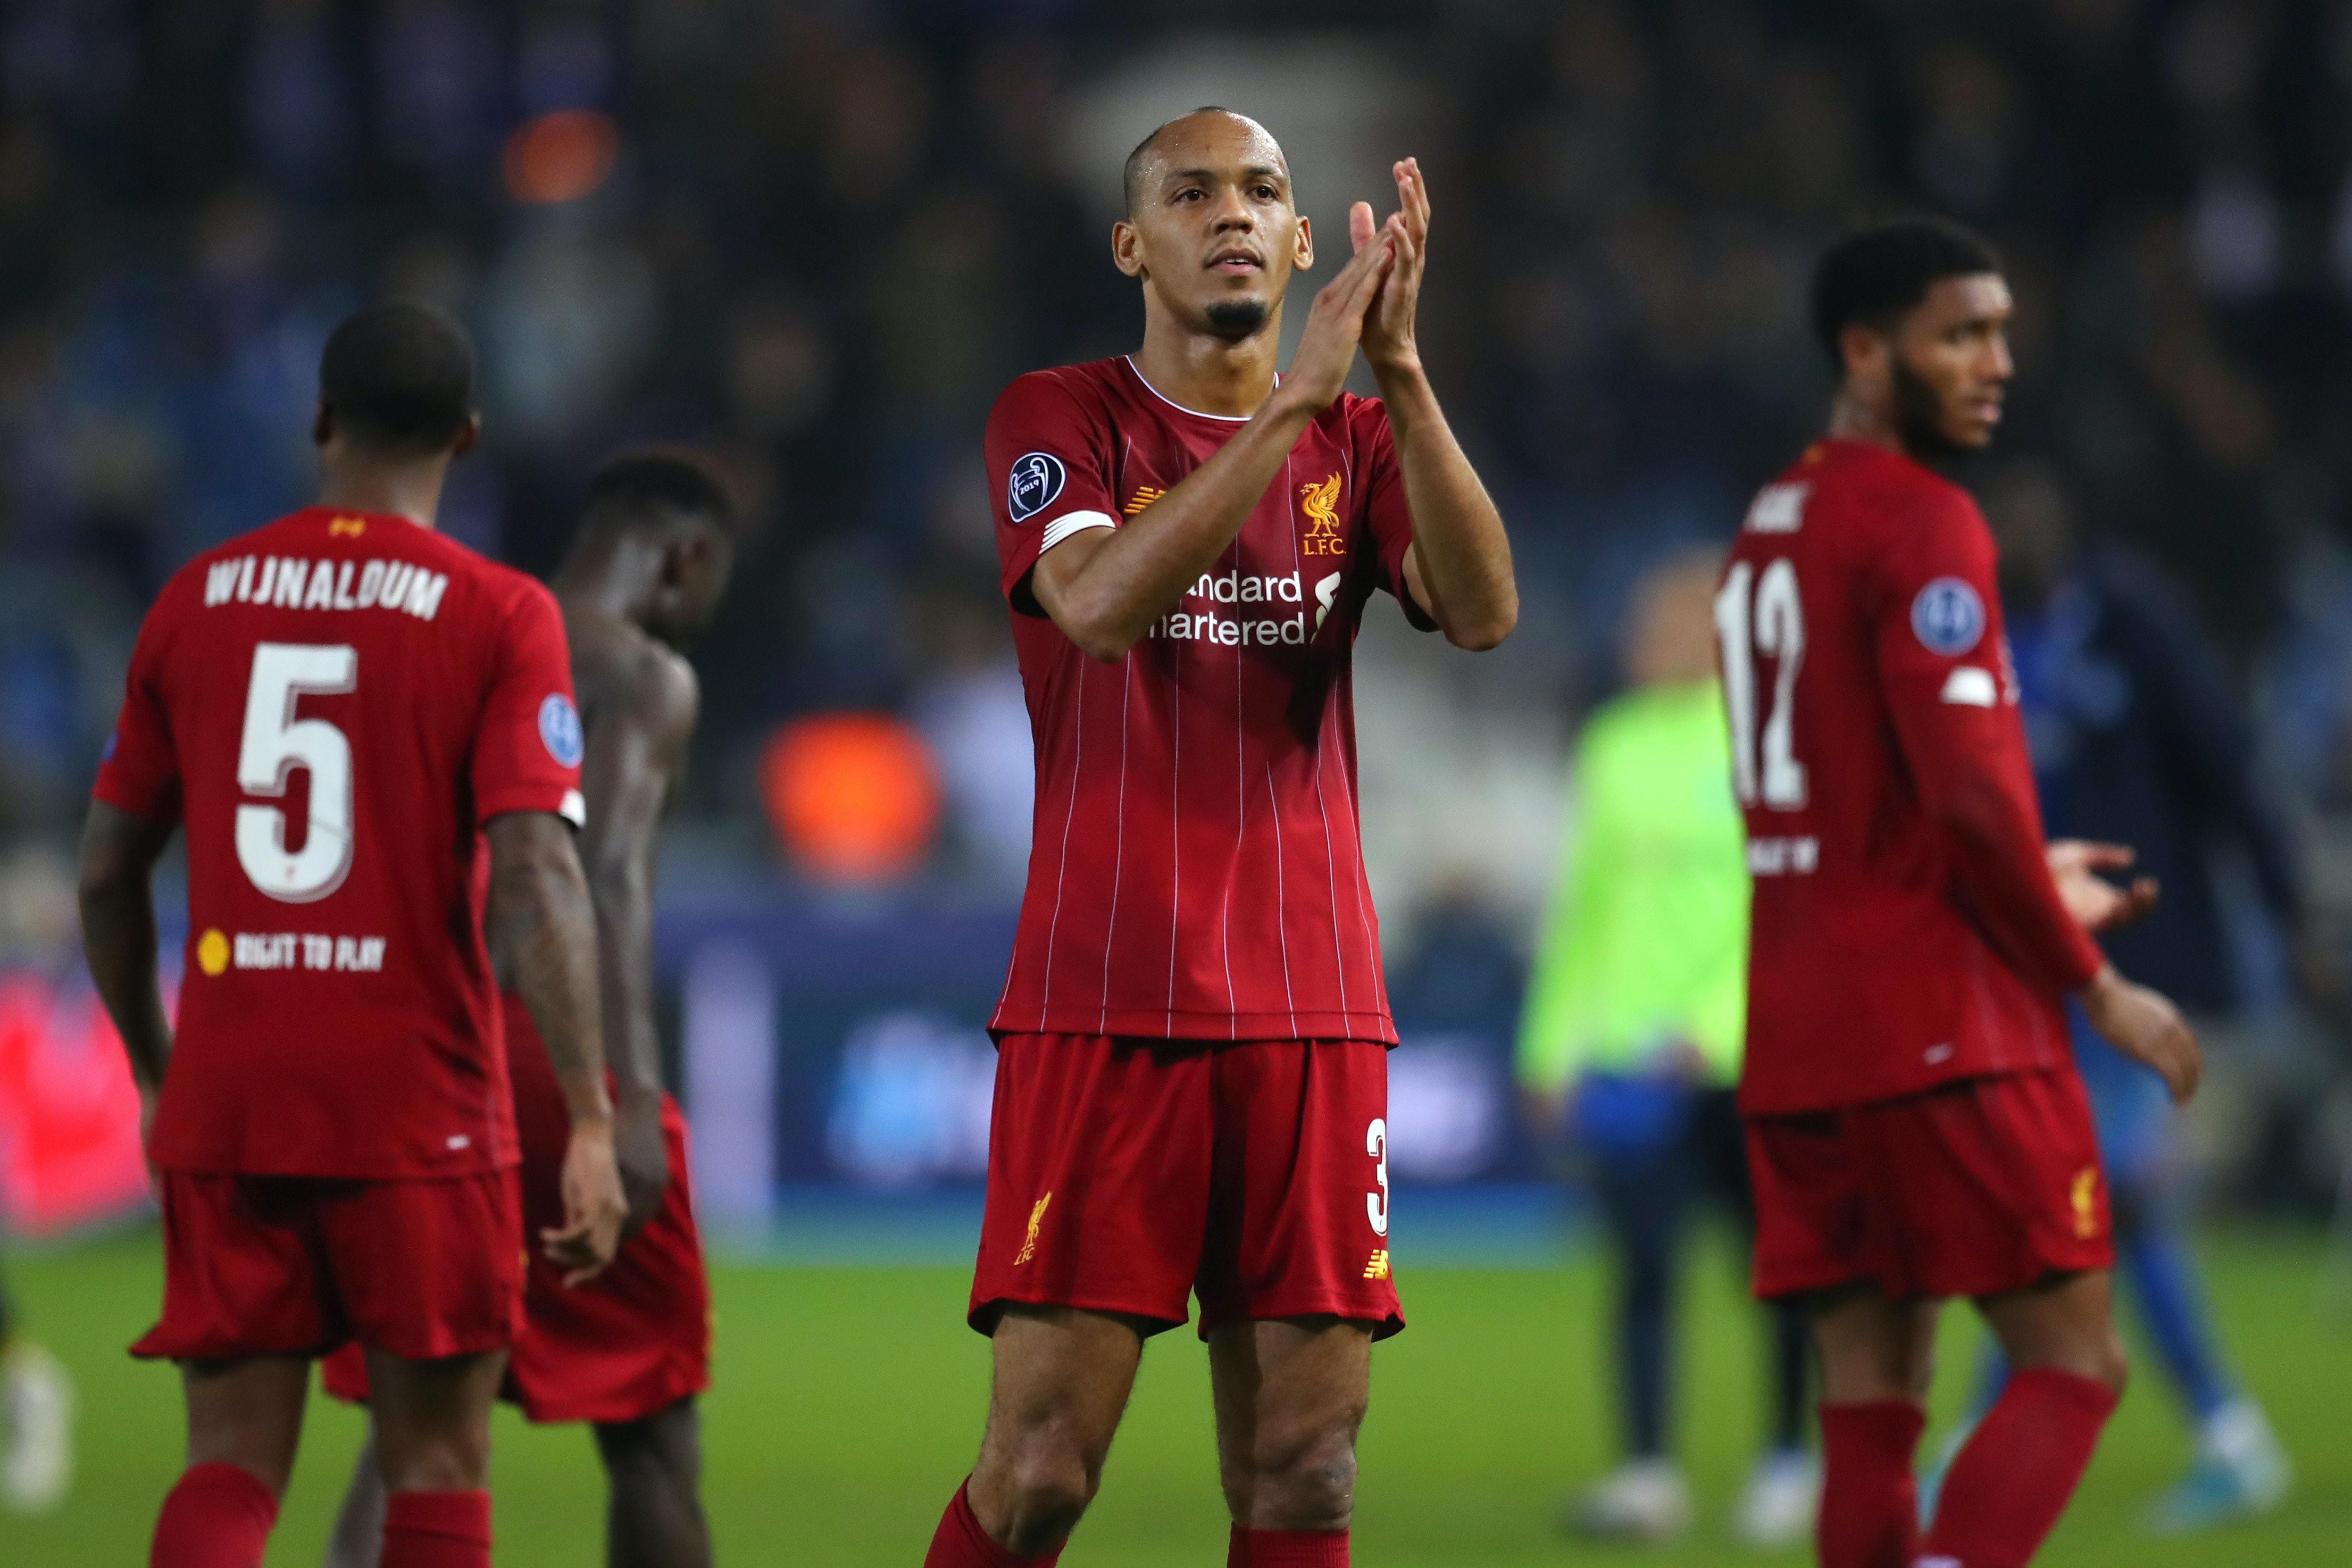 Alonso om Fabinho, Champions League og hvorfor han ikke ser Liverpool-kamper